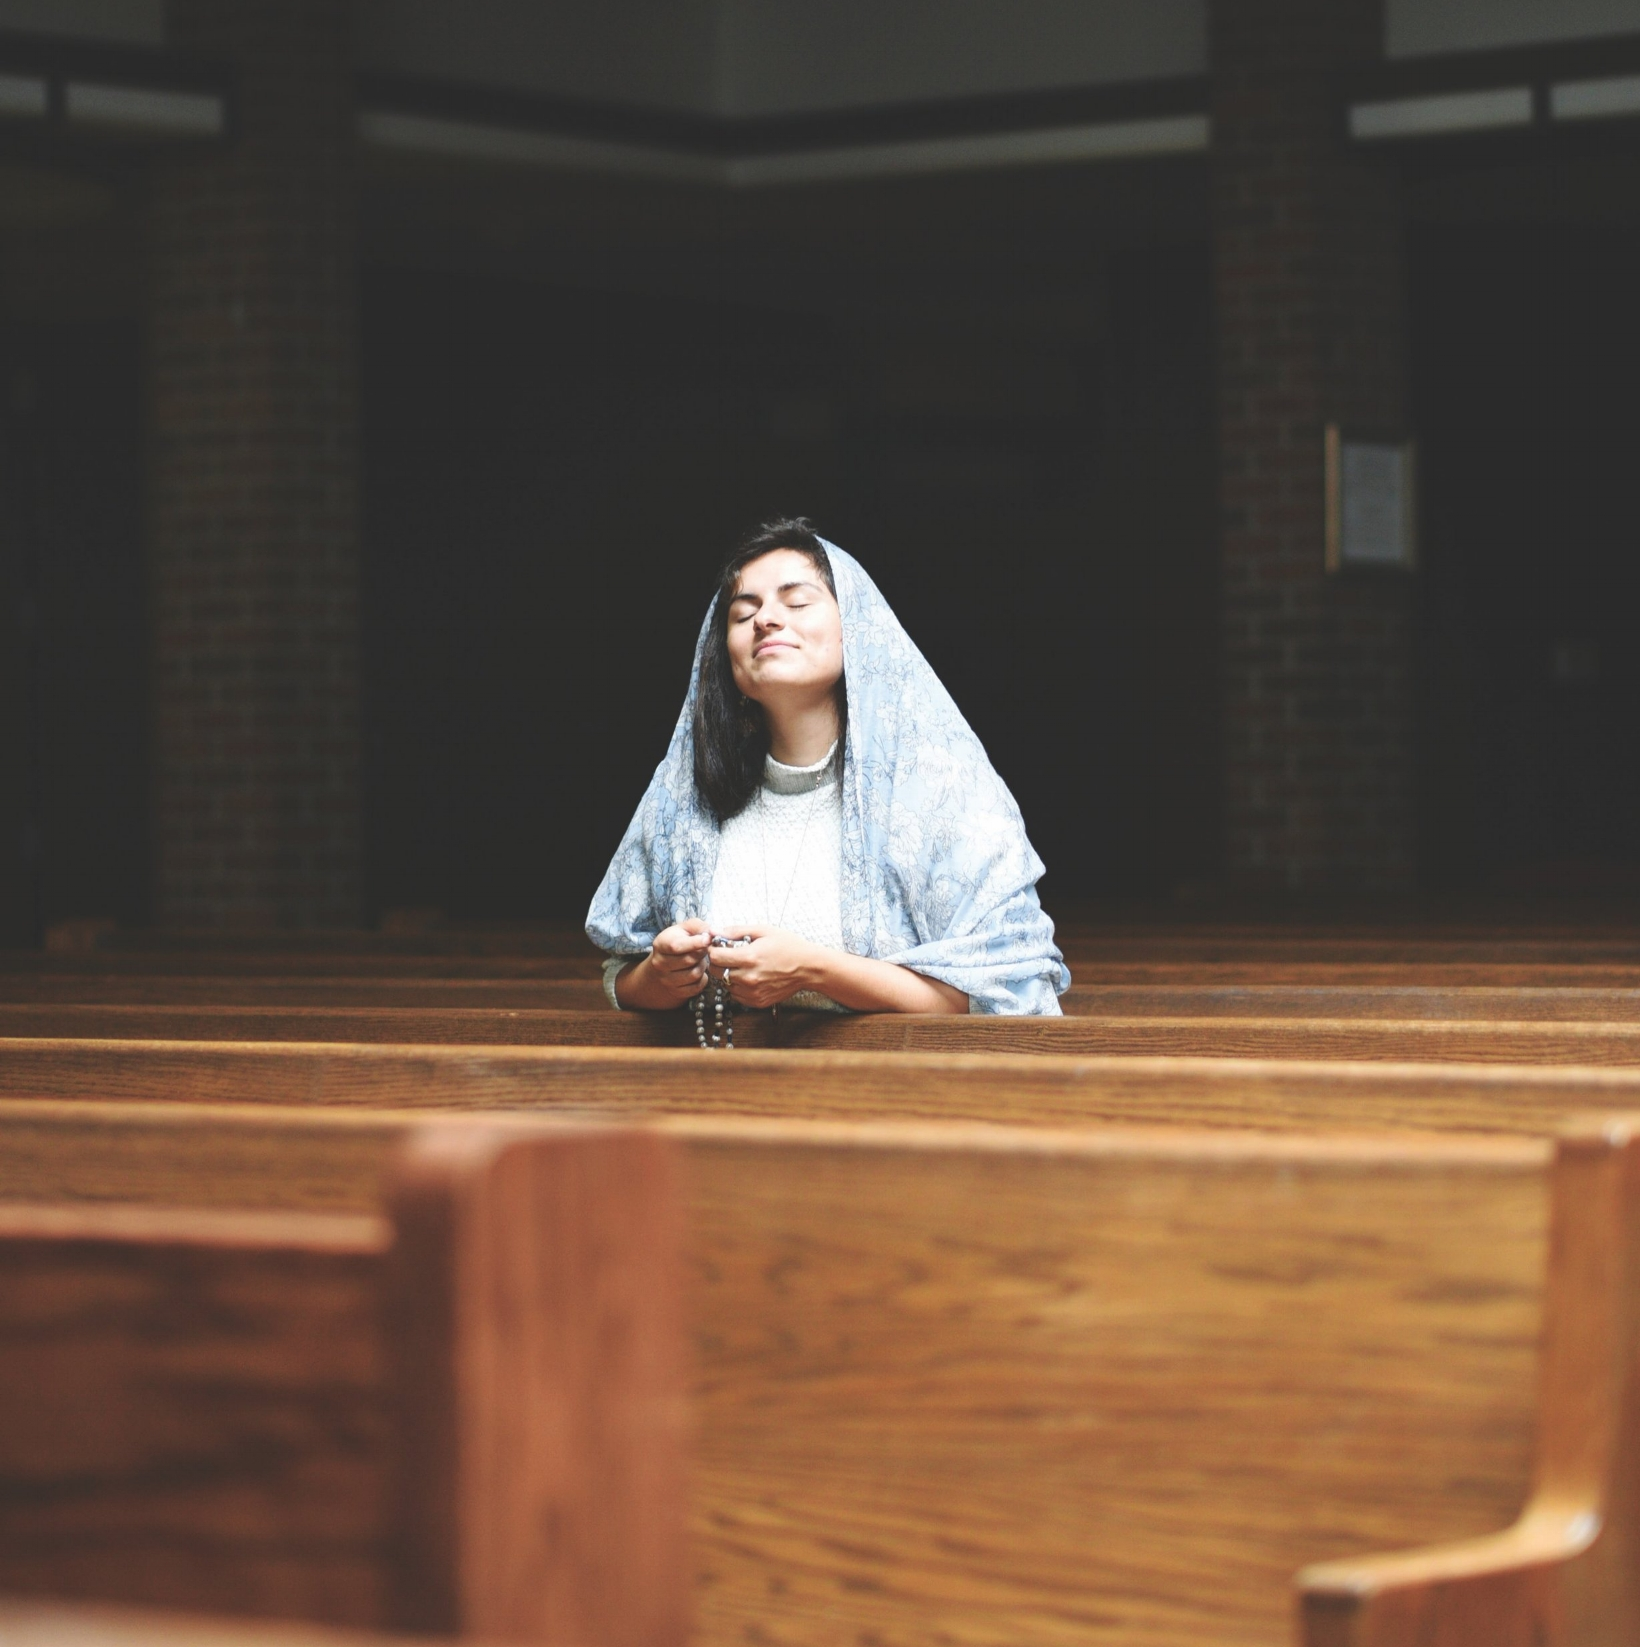 woman-praying-rosary-during-adoration.jpg